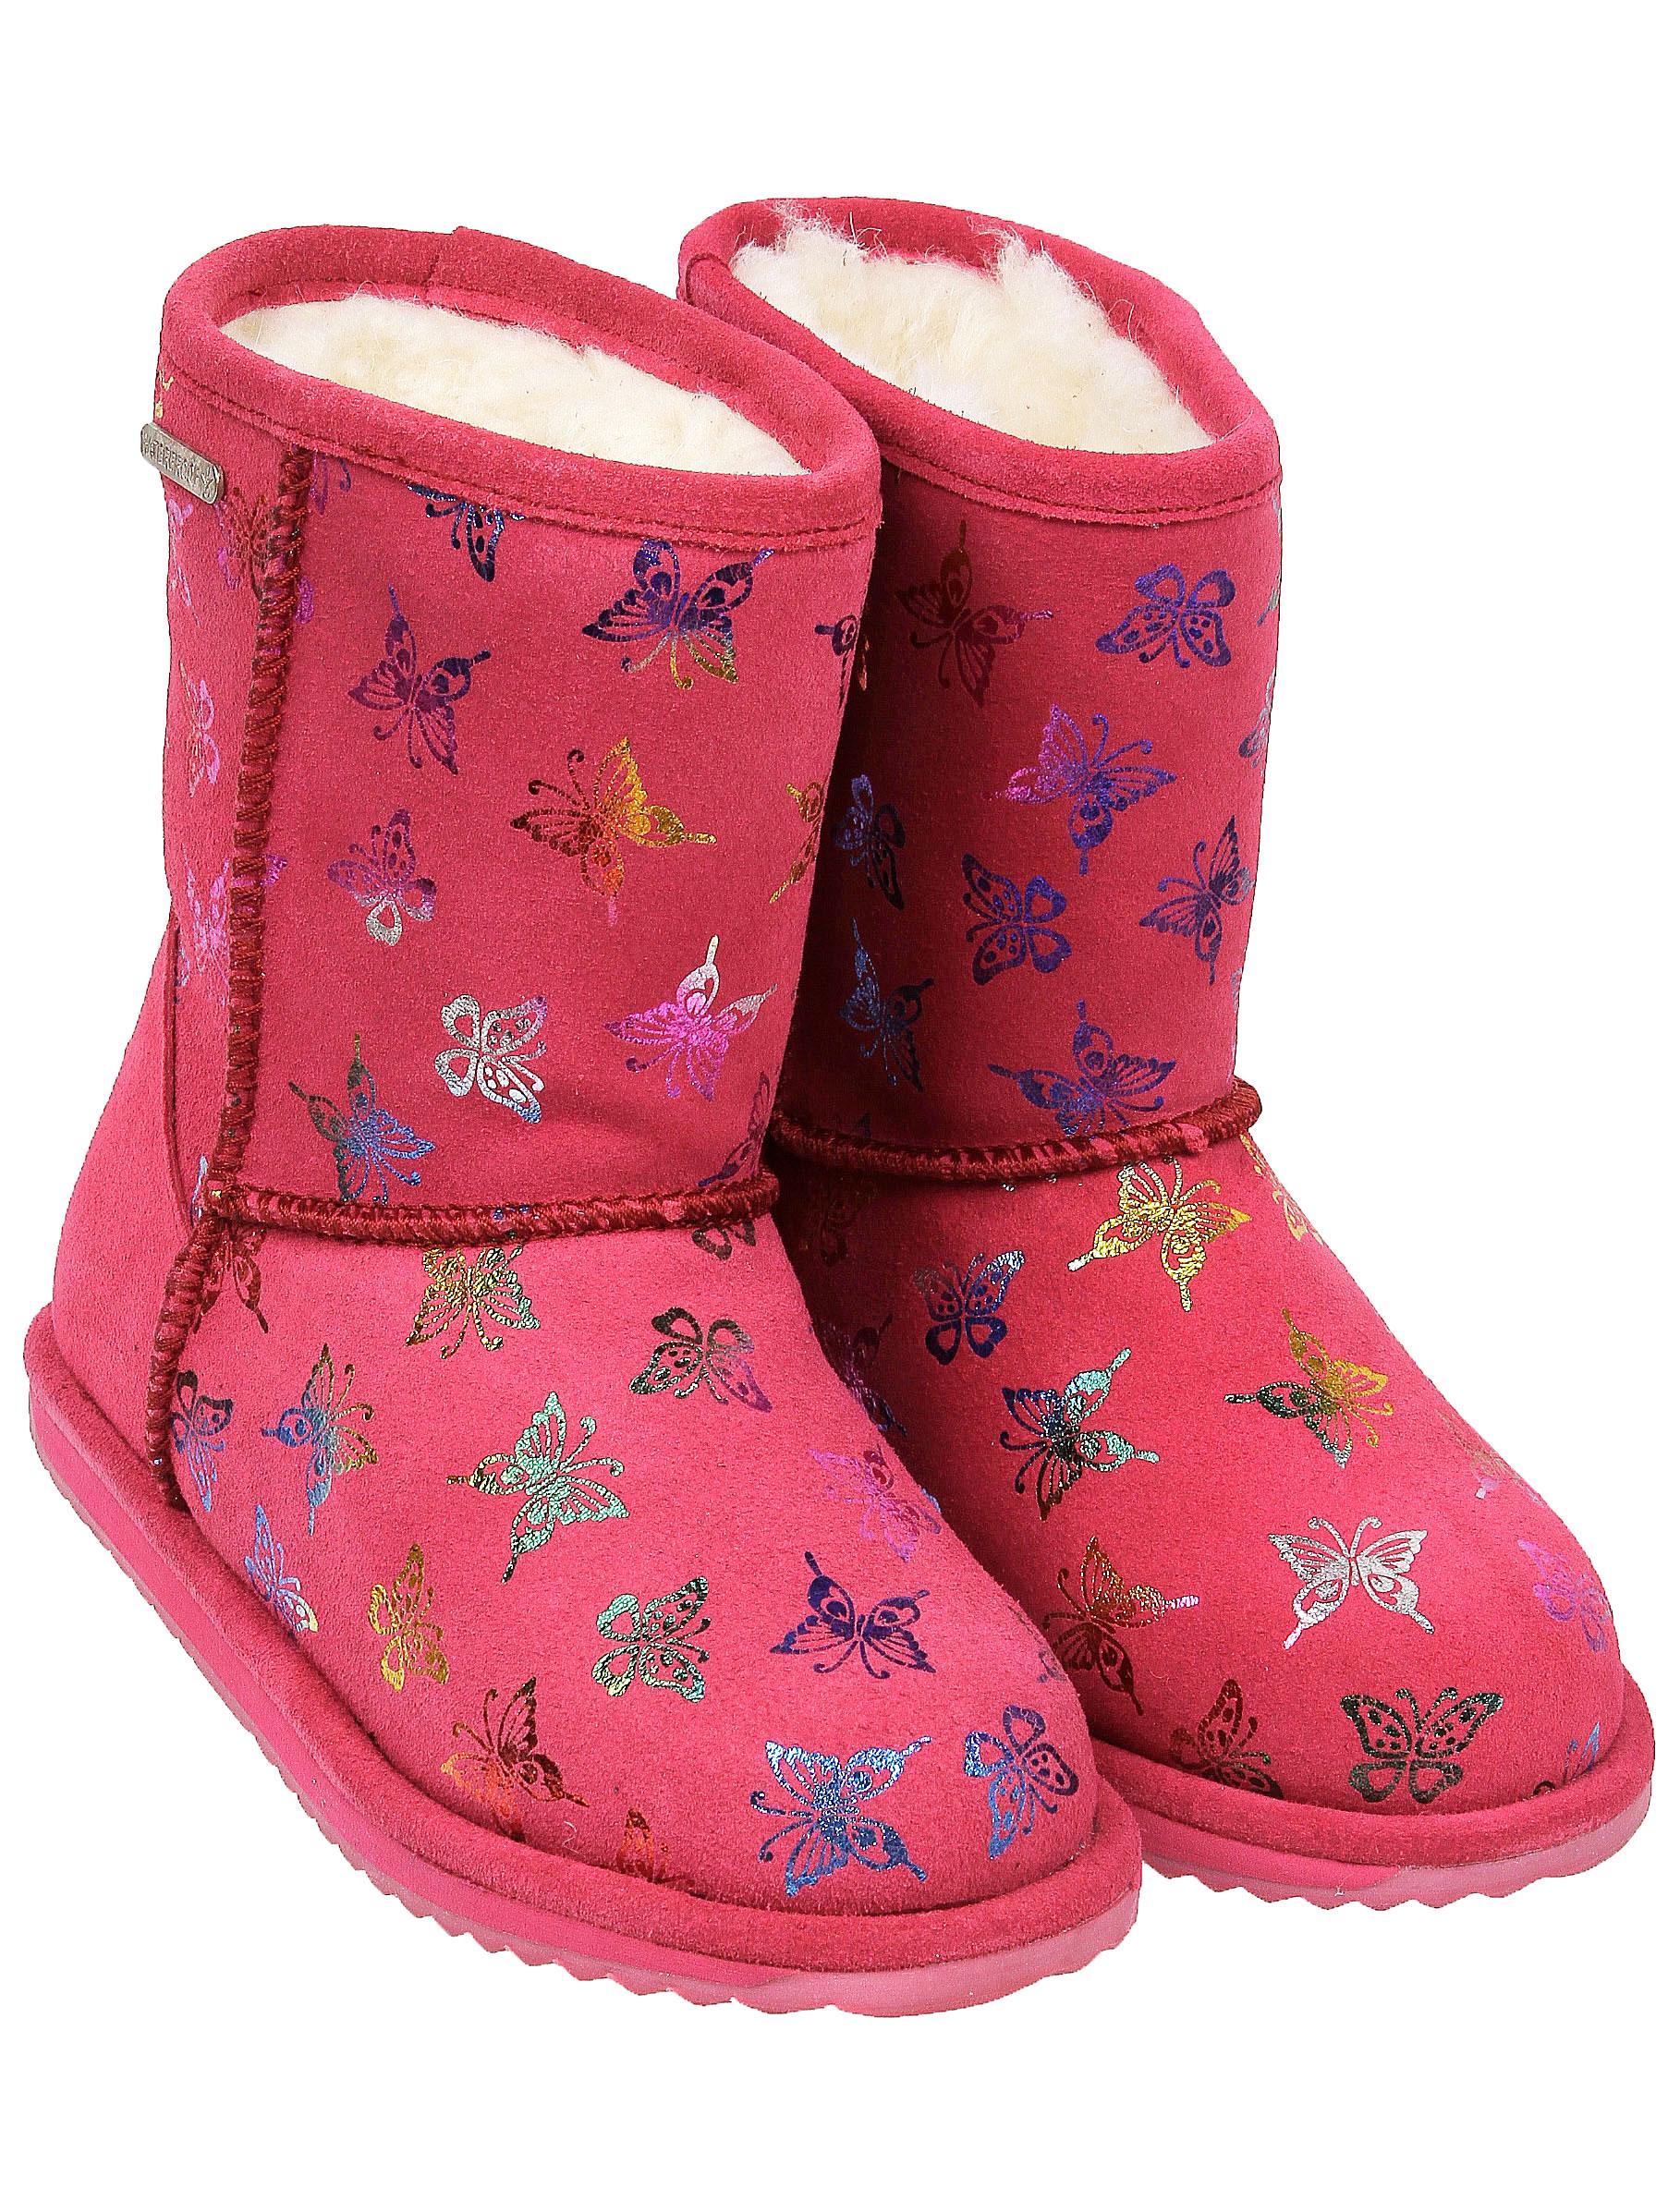 Купить 2246237, Сапоги Emu Australia, розовый, Женский, 2024509080491